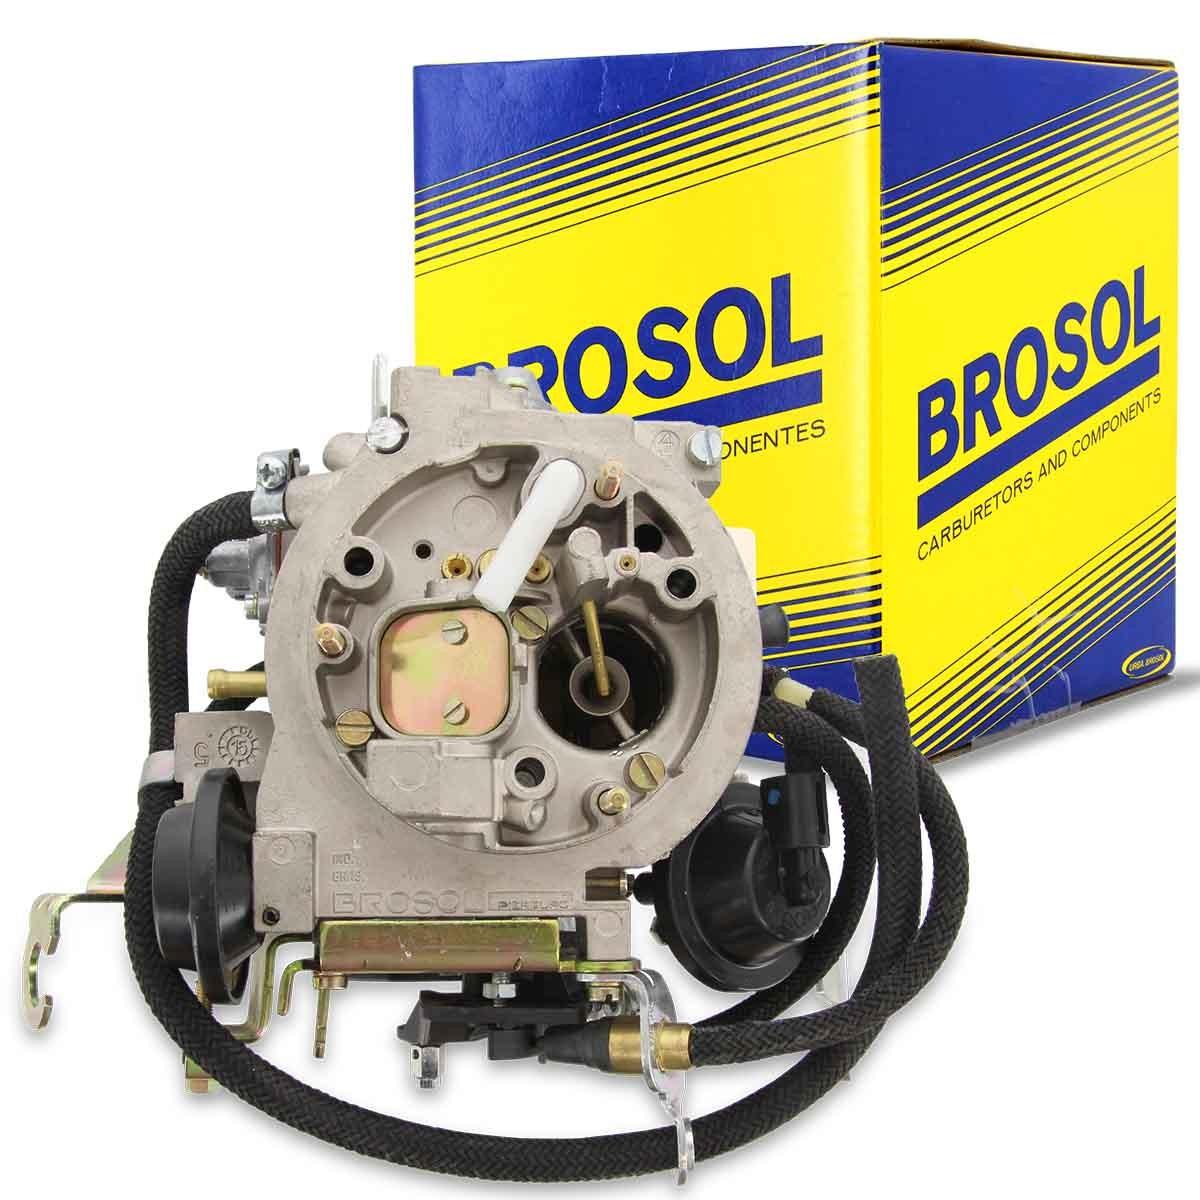 Carburador 2E Monza Kadett Ipanema 2.0 a Alcool Solex Brosol